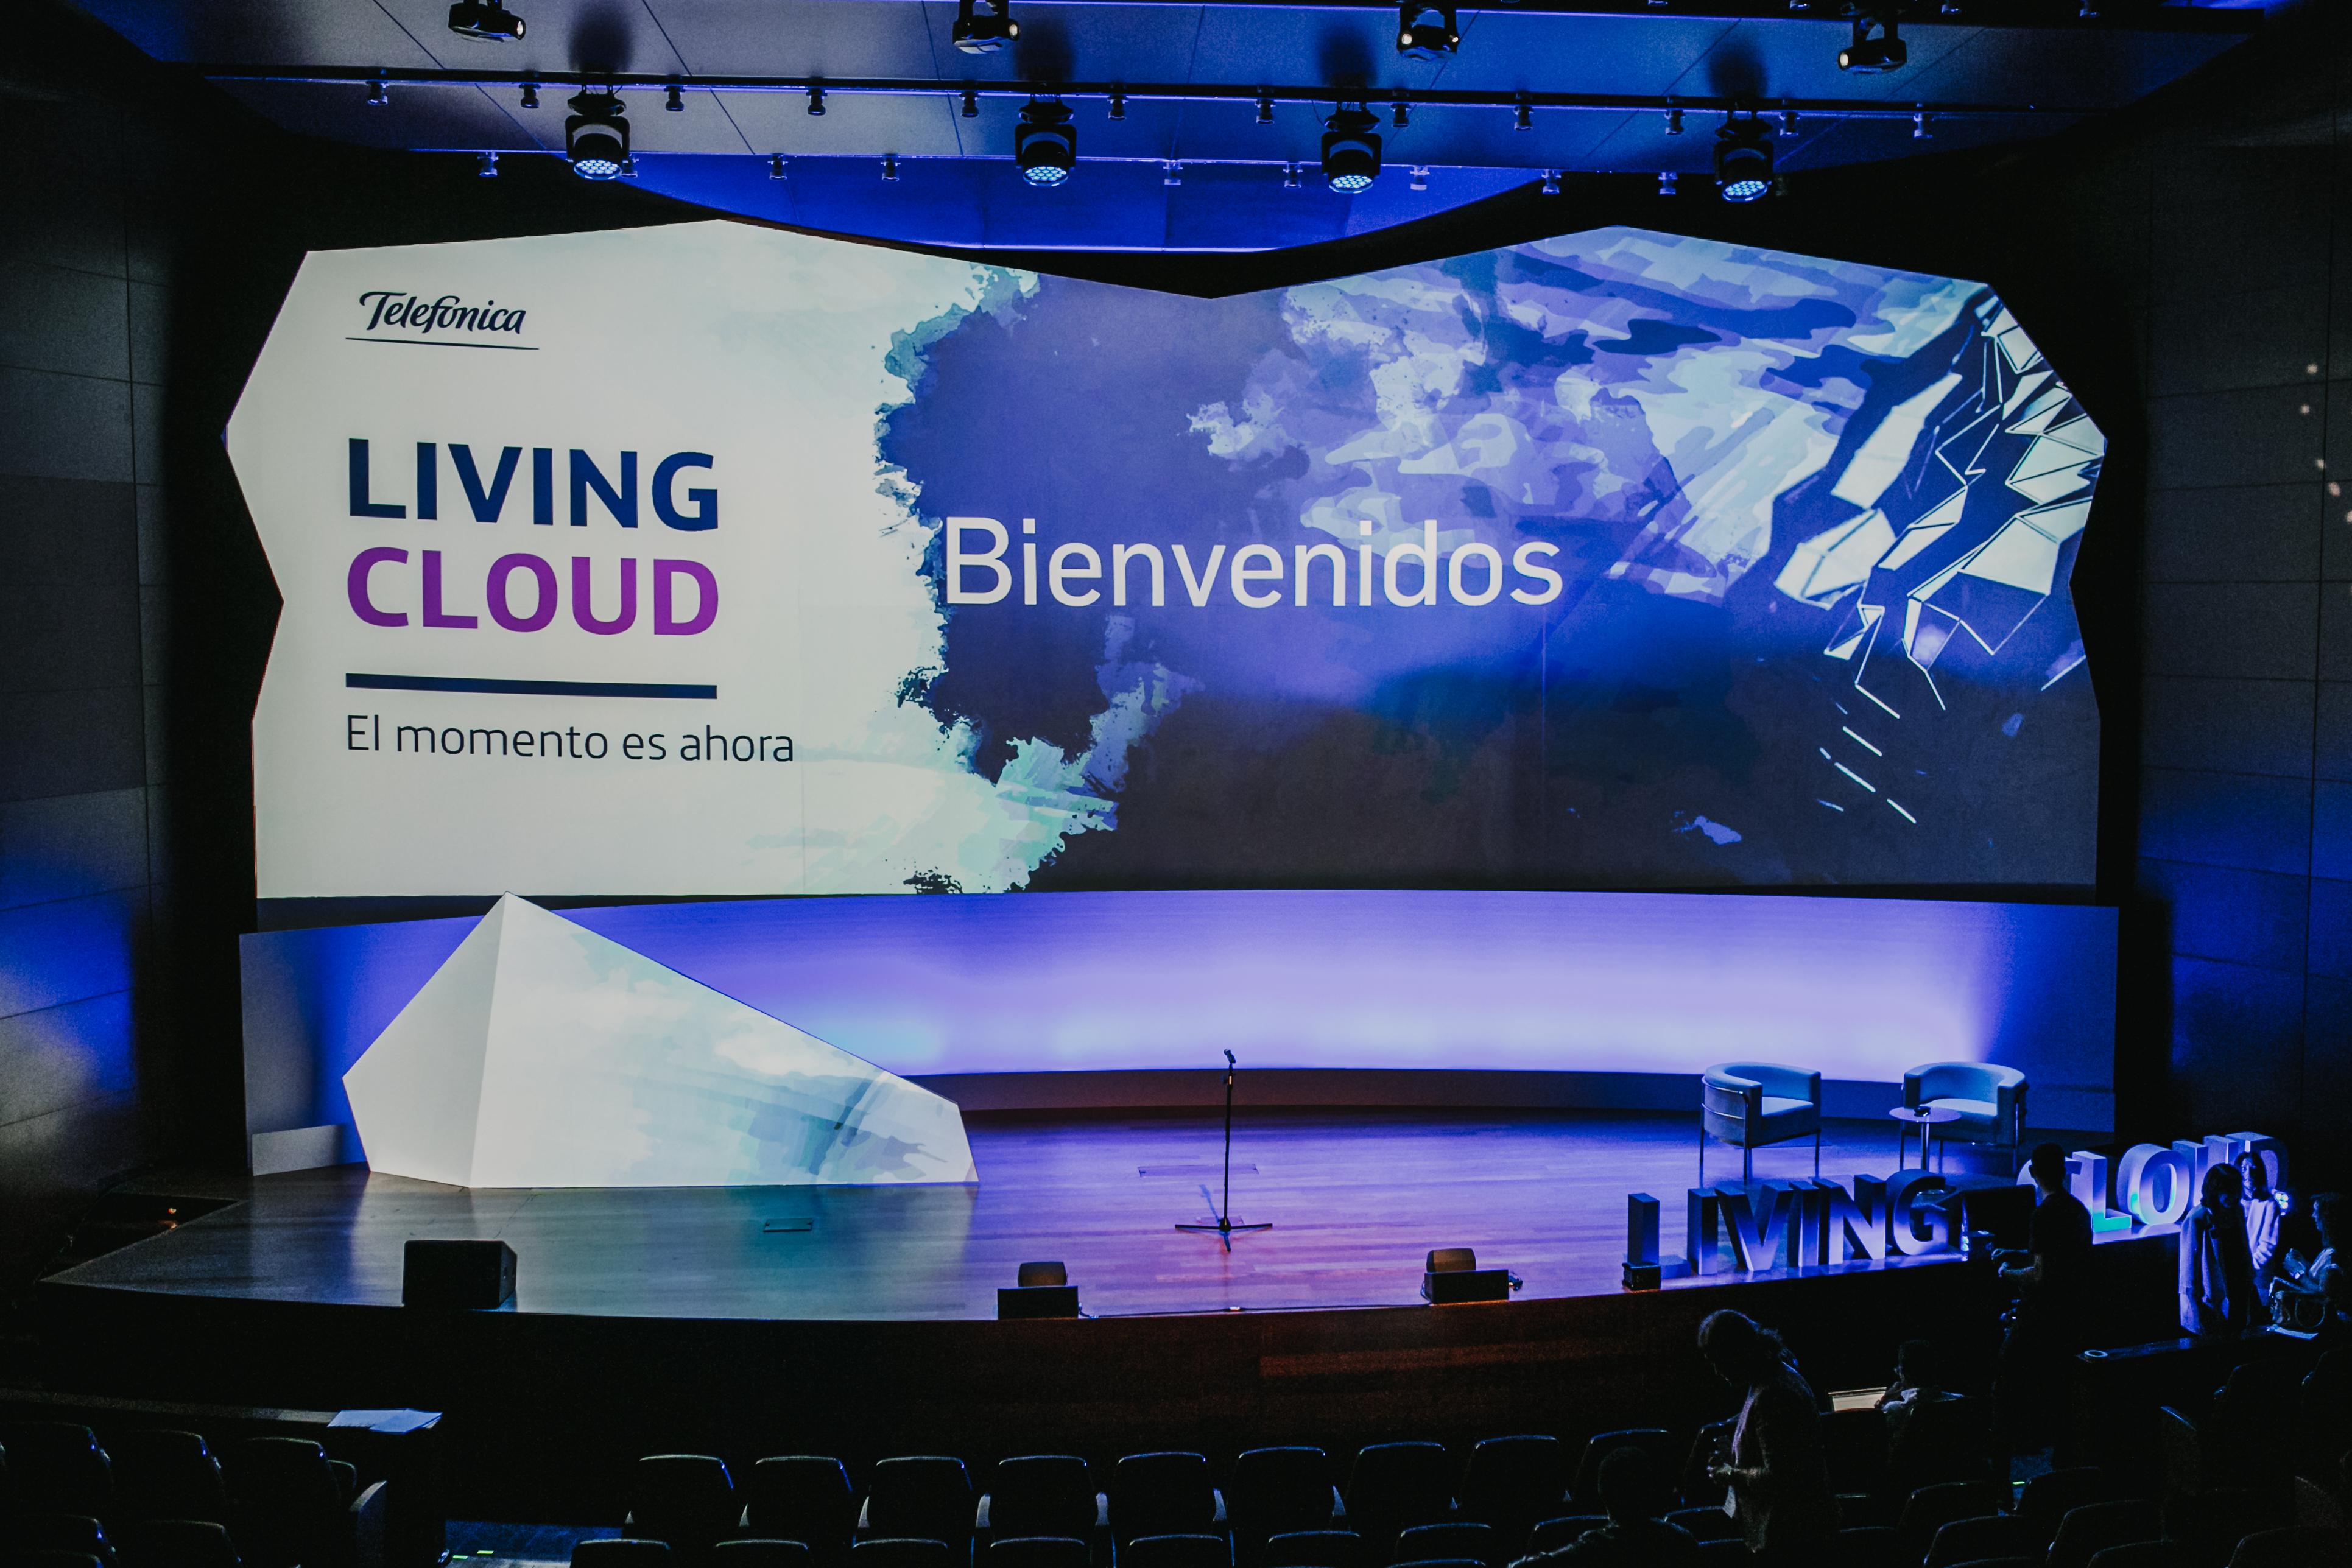 Evento Living Cloud de Telefónica